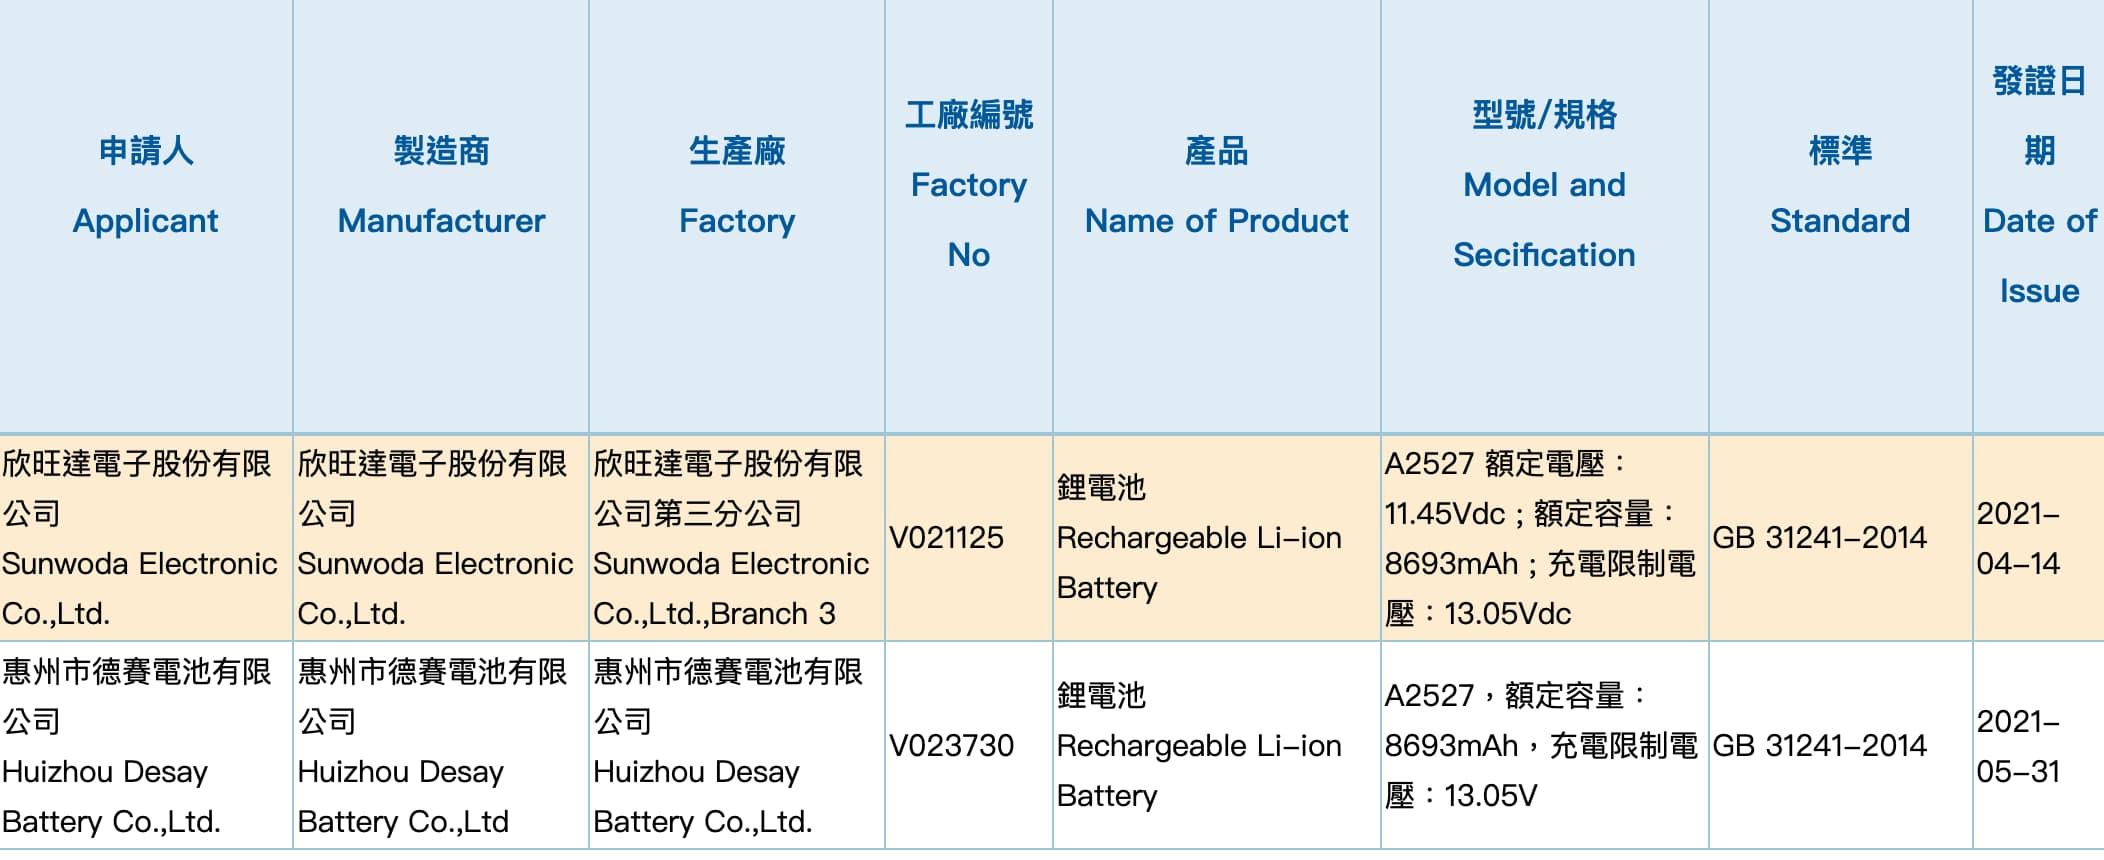 蘋果16吋MacBook Pro 2021 電池現身中國CQC認證